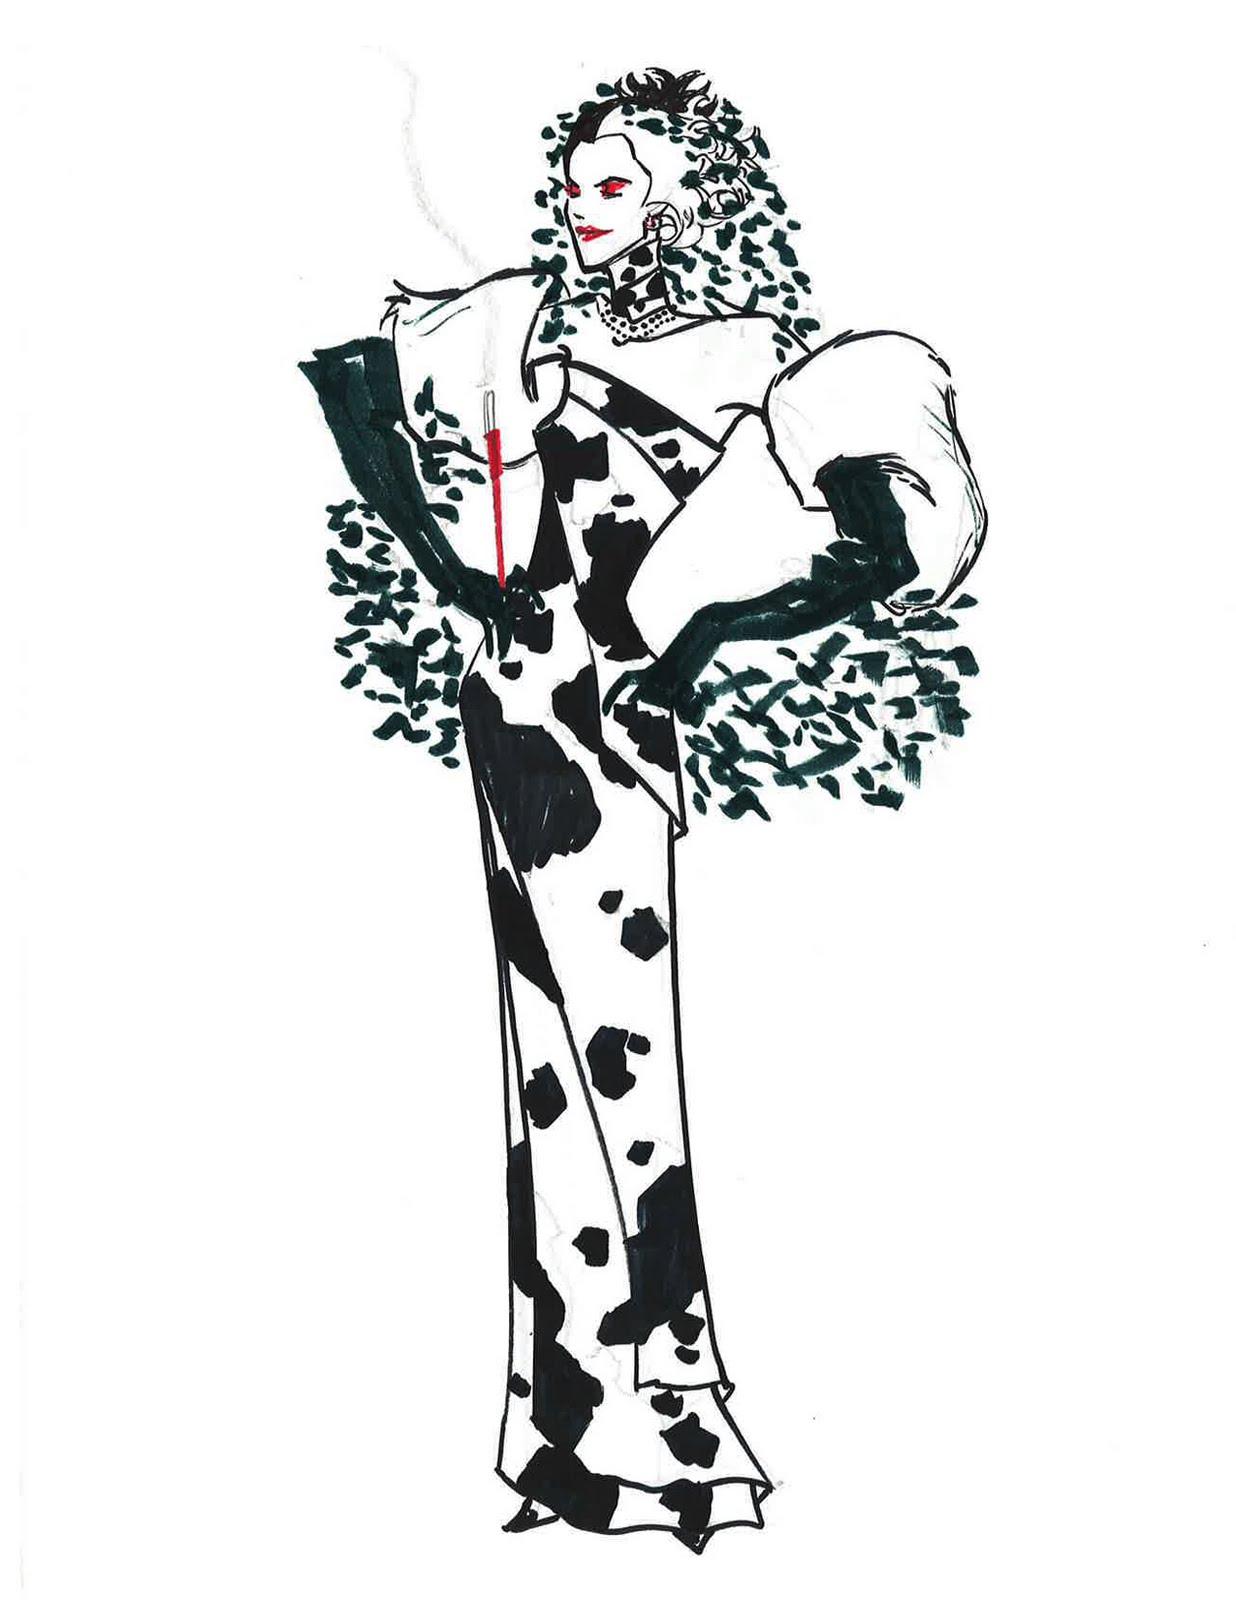 Cruella de vil fashion 40